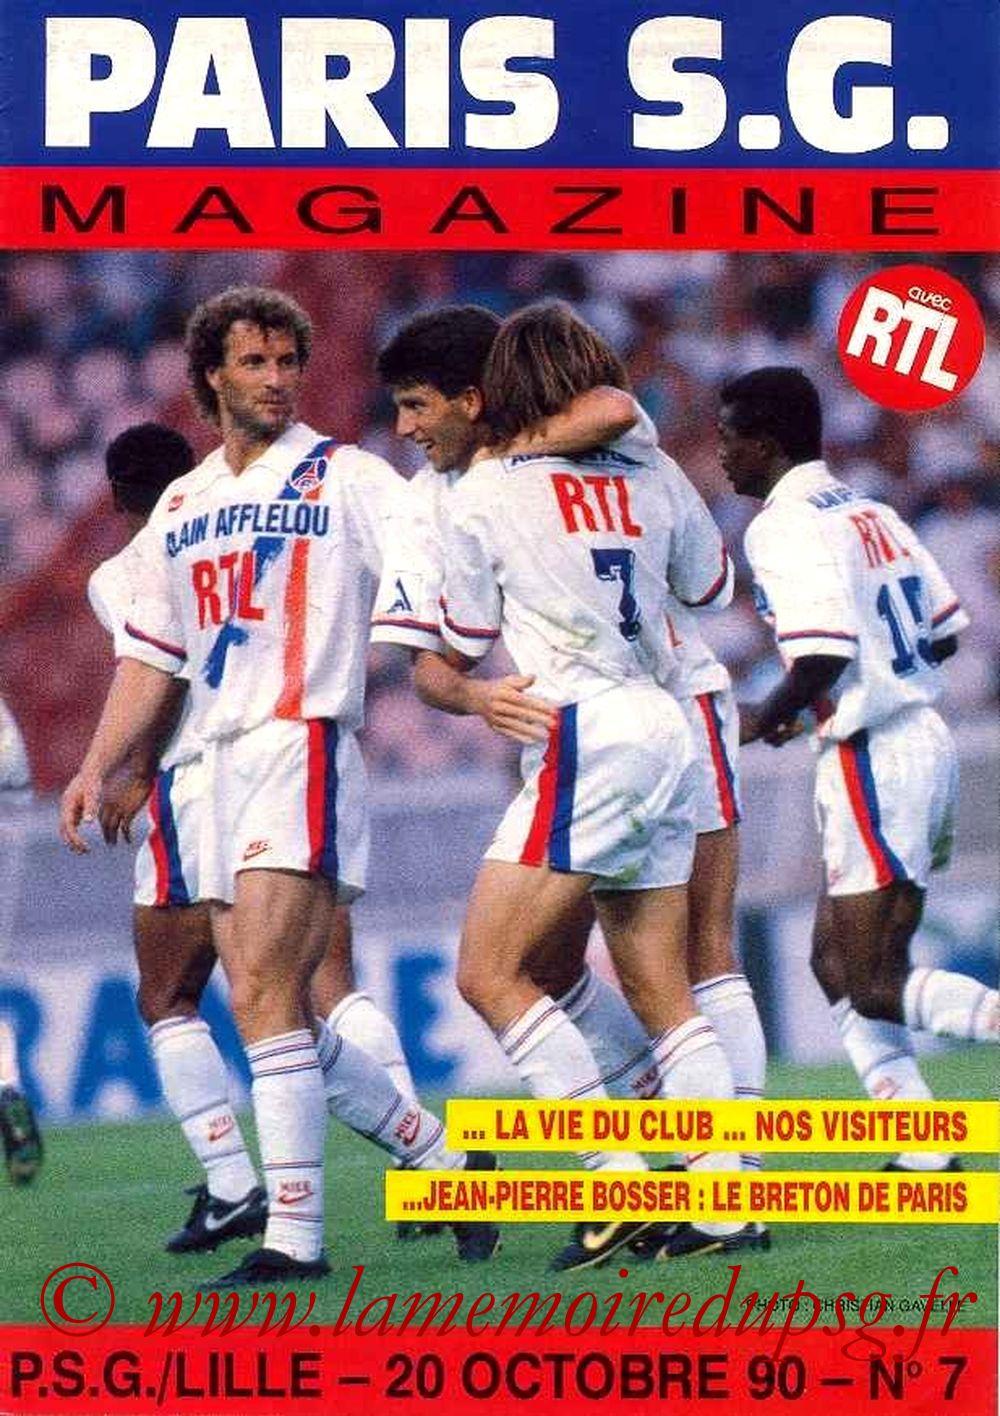 1990-10-20  PSG-Lille  (13ème D1, Paris SG Magazine N°7)